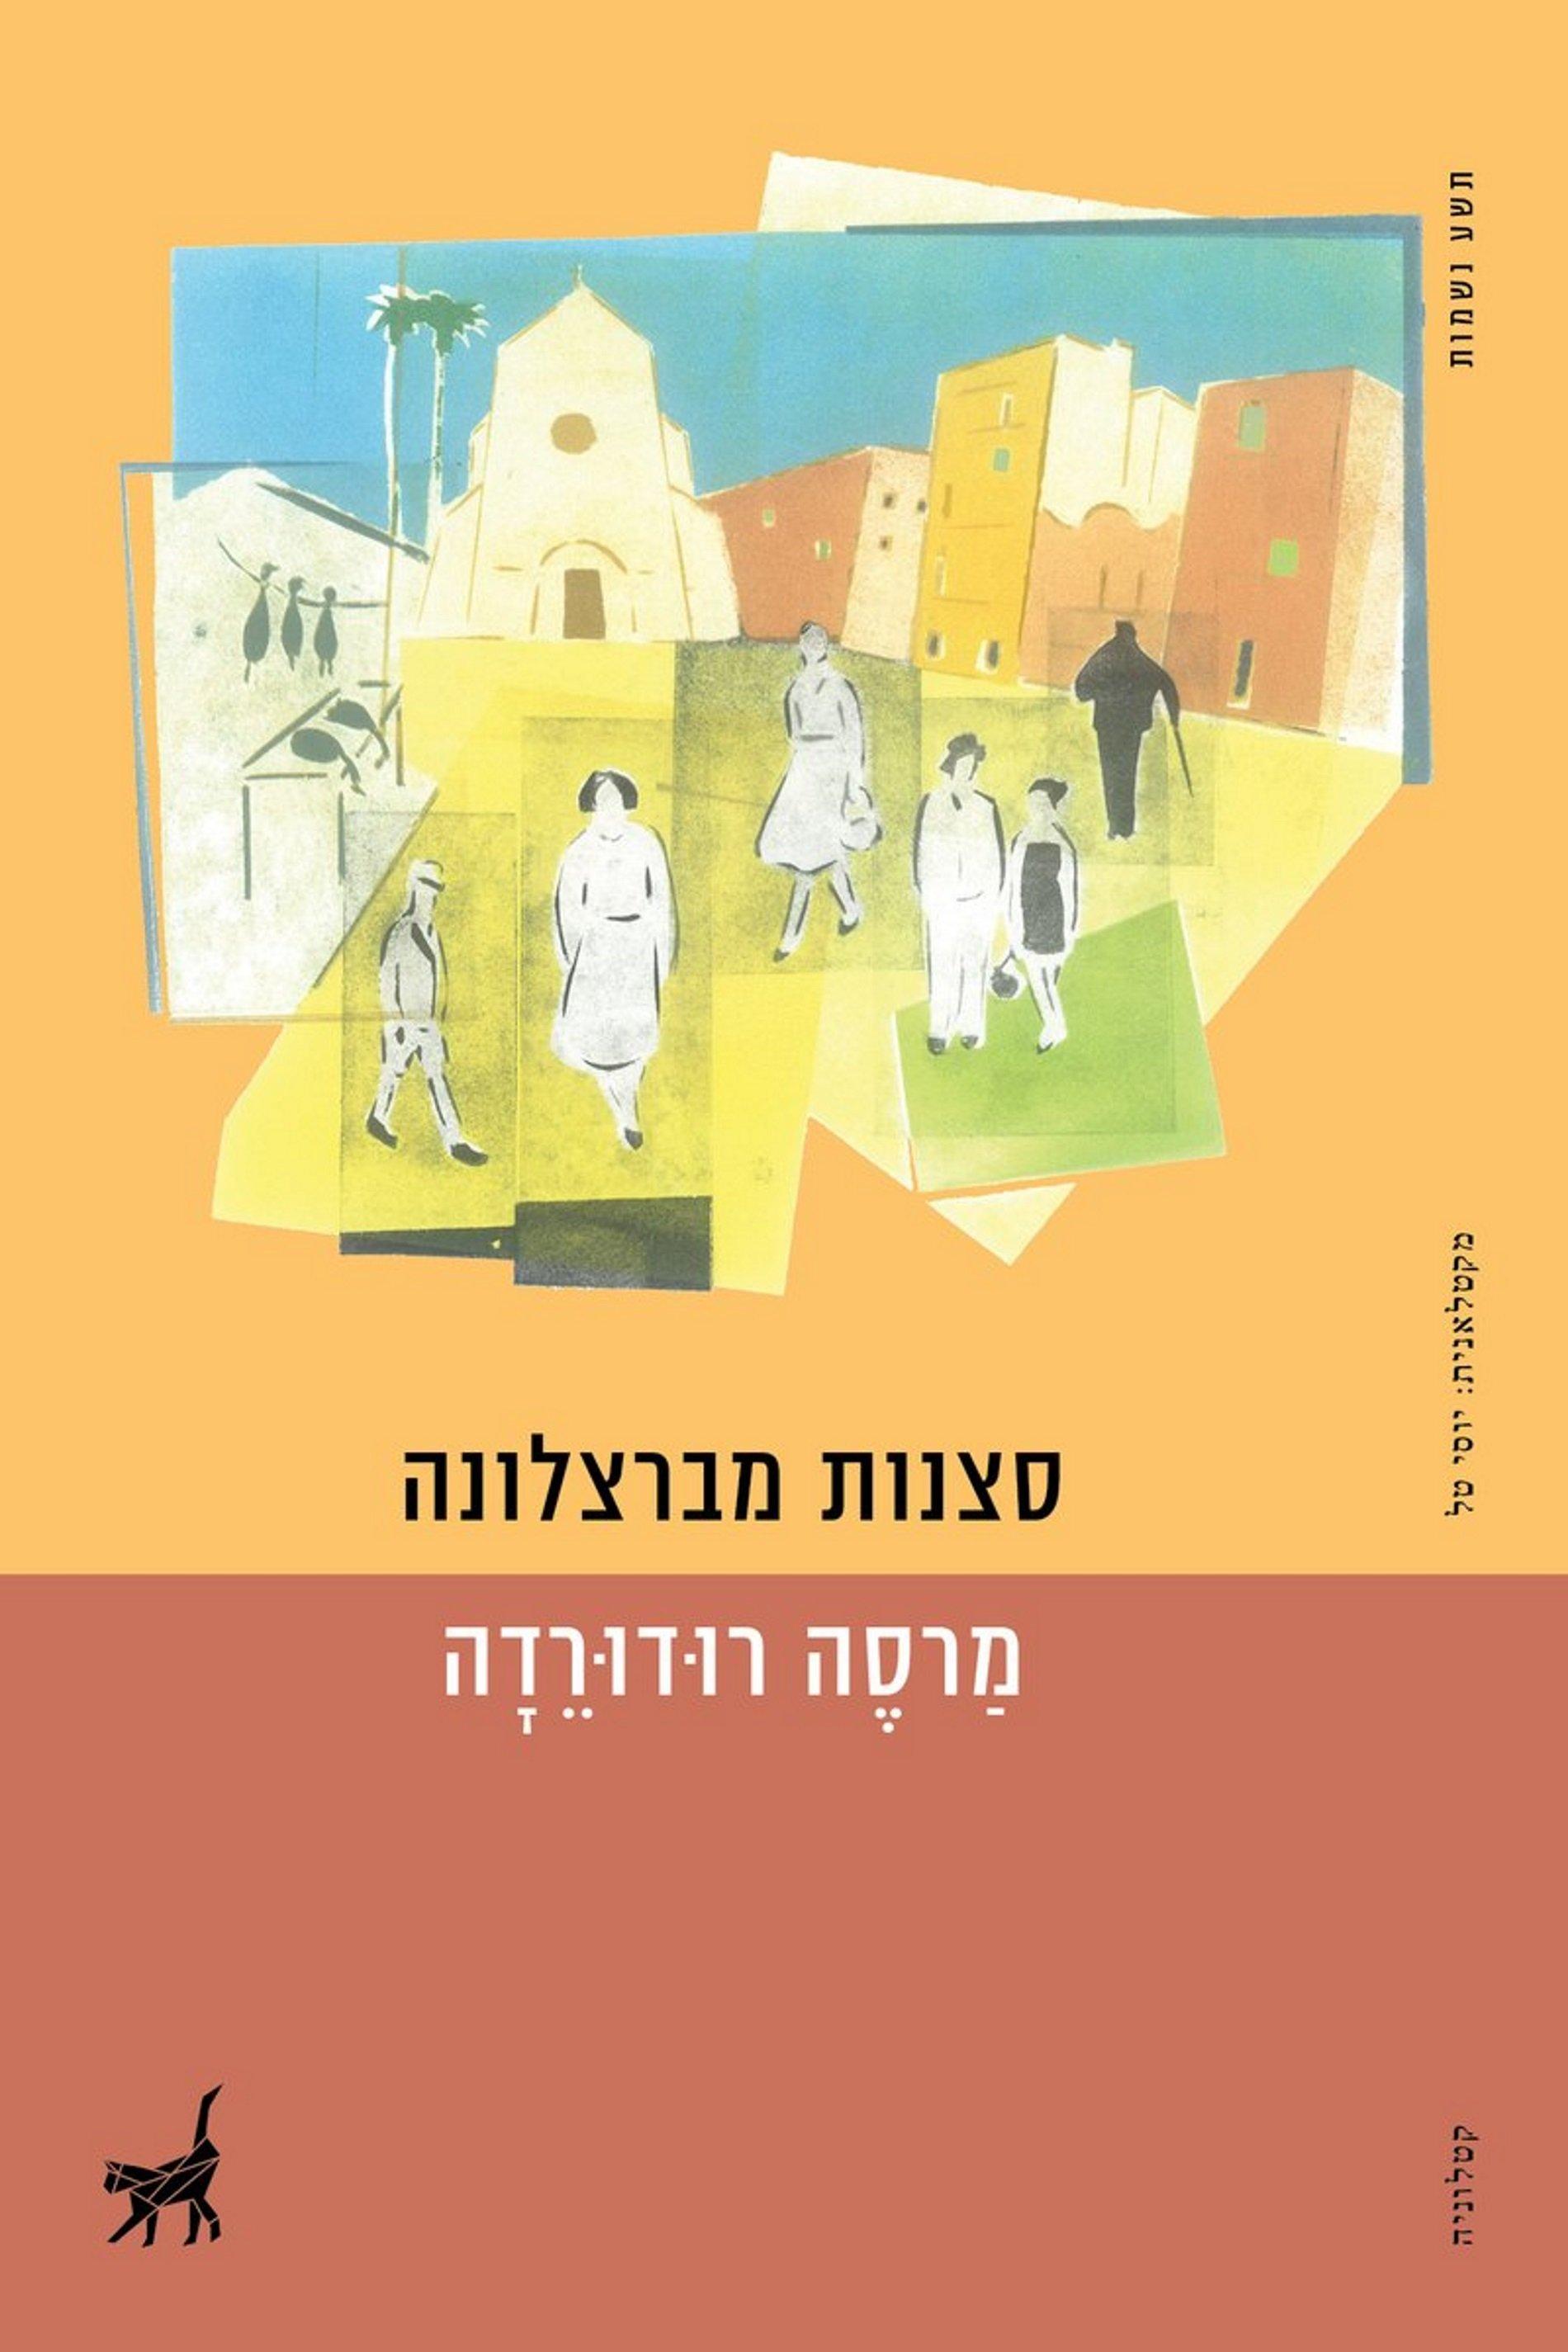 merce rodoresa hebreu